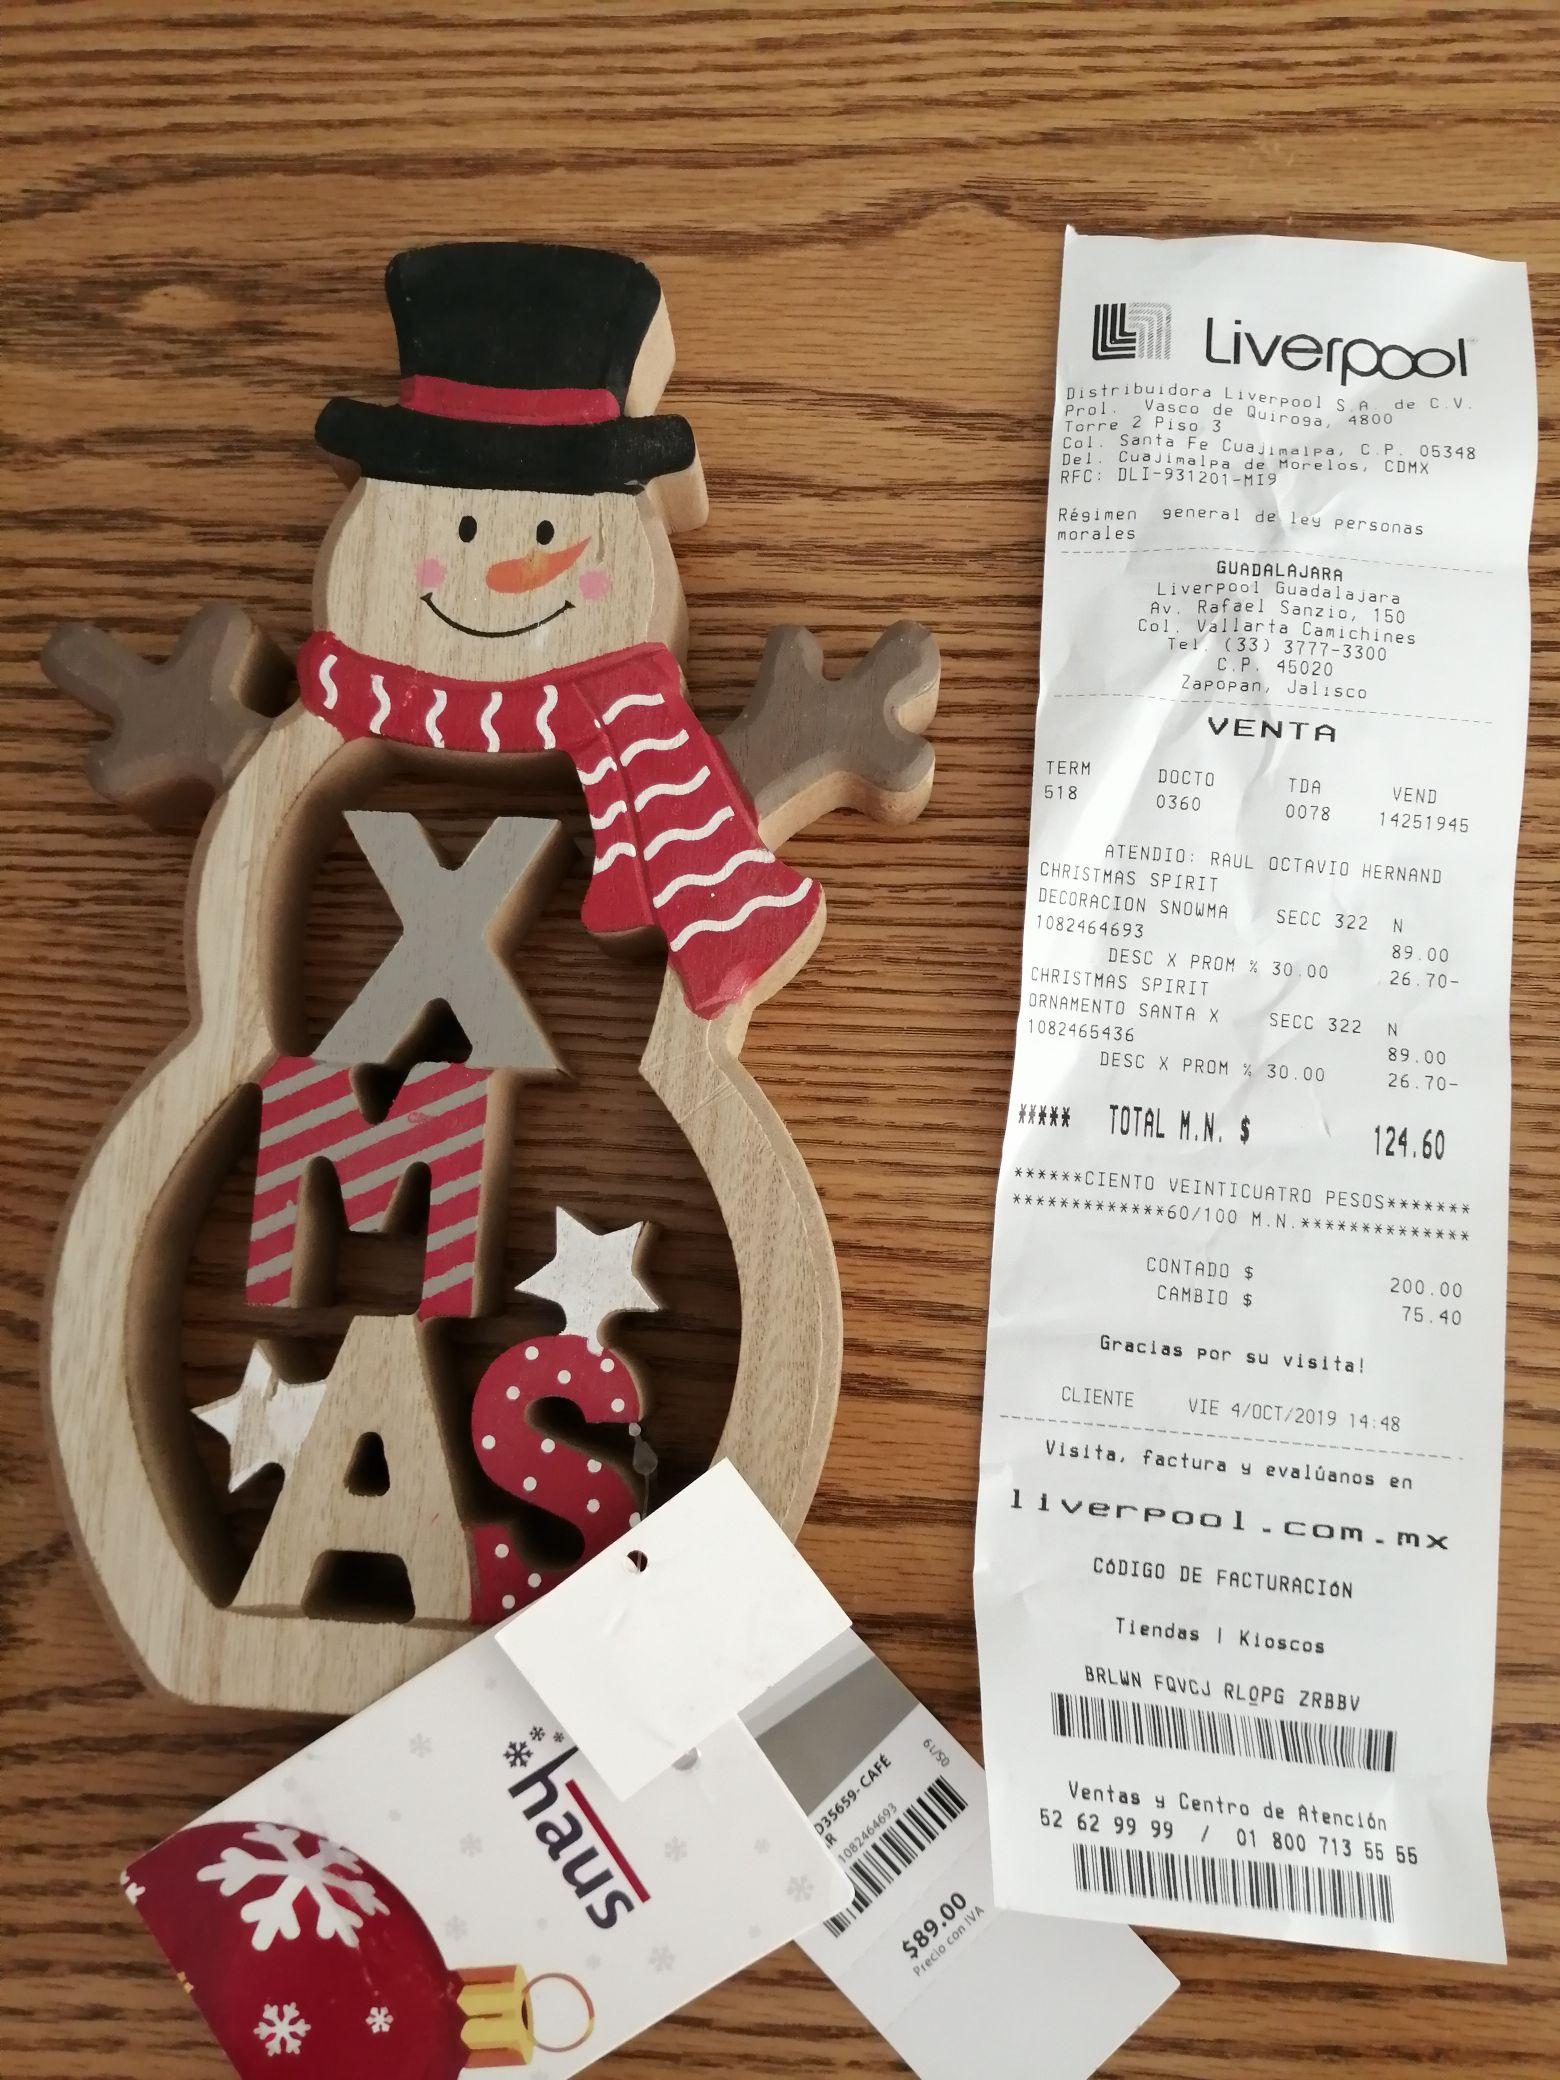 Liverpool 30% en artículos navideños y halloween